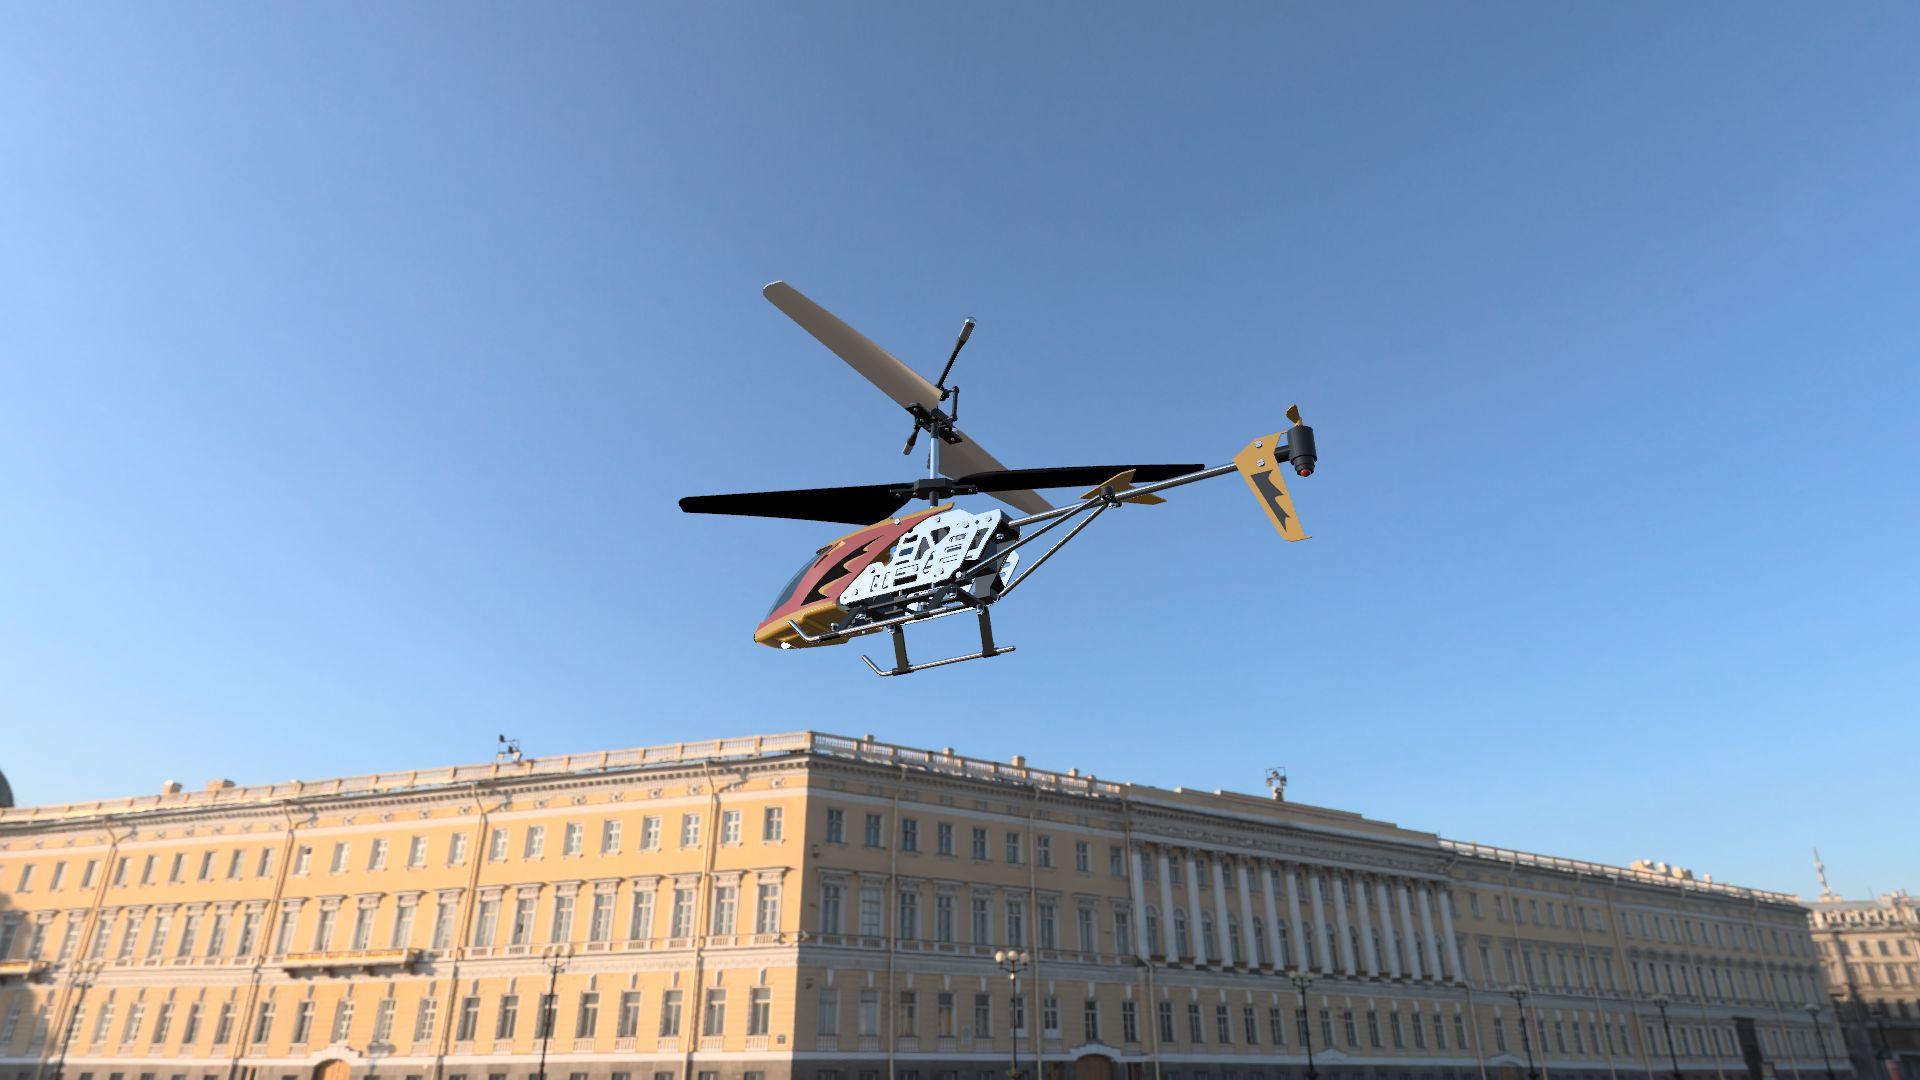 Chopper-06-3500-3500